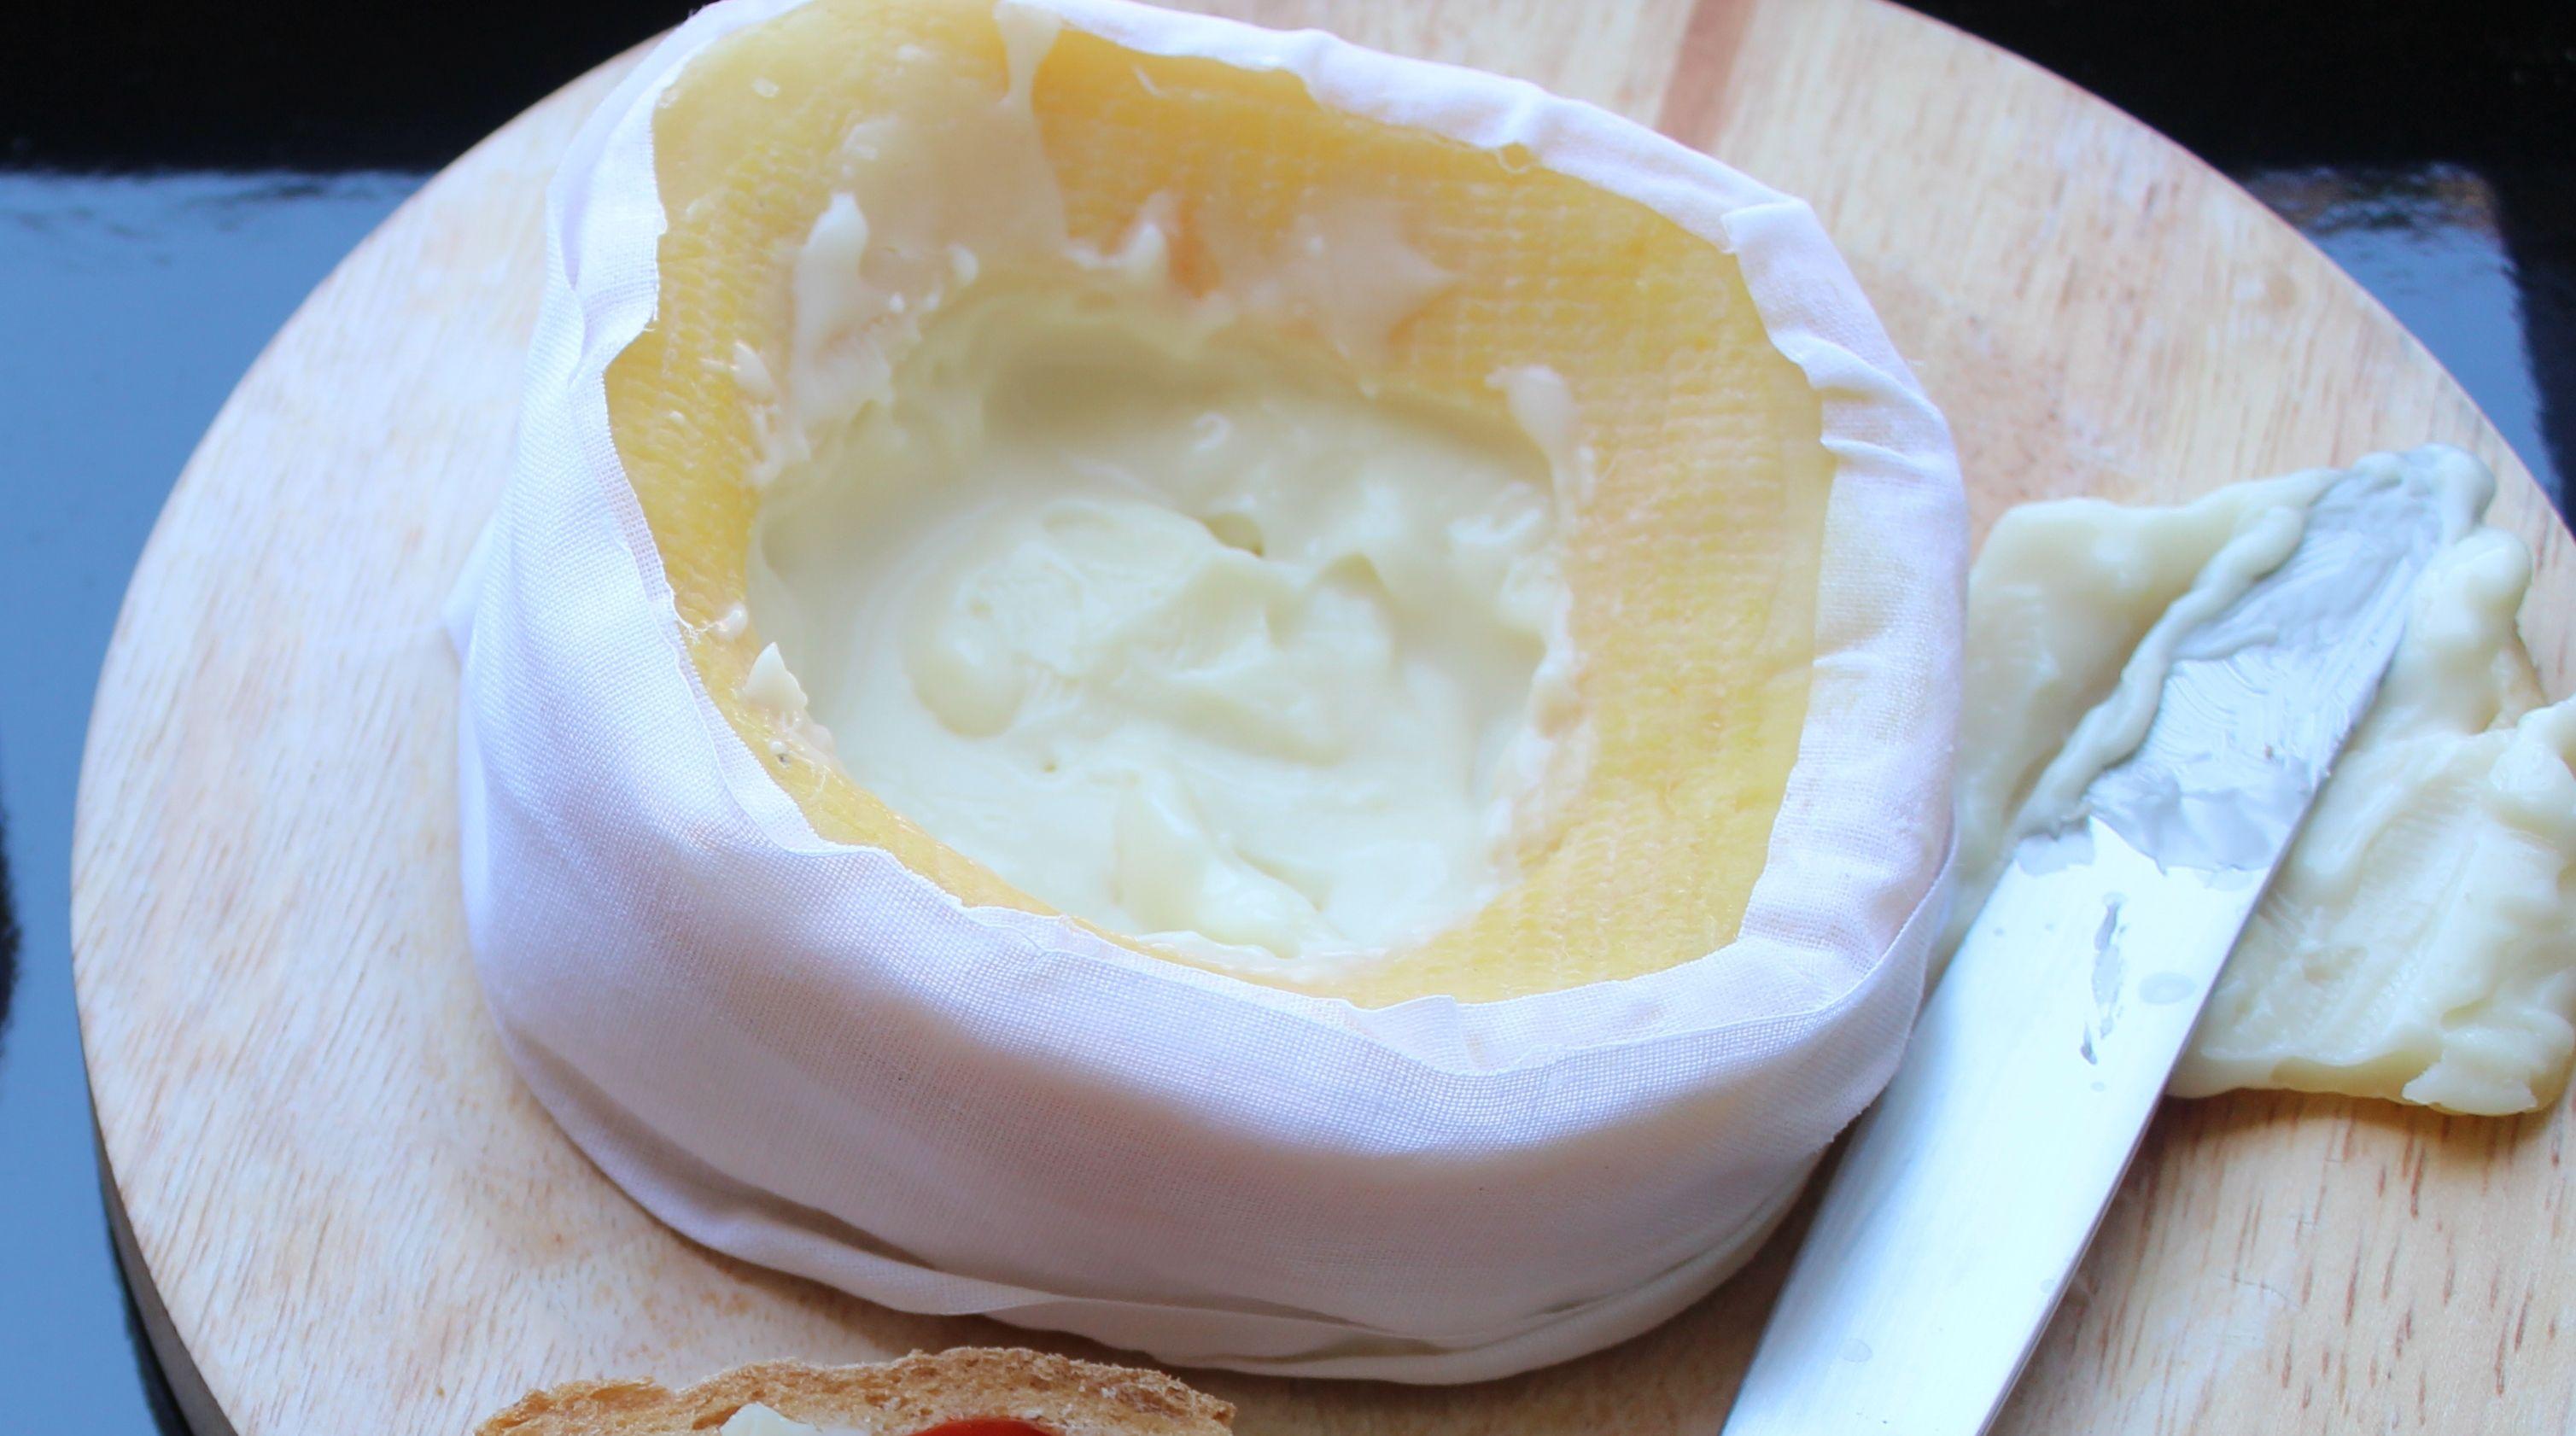 De todos os festejos sobrou-lhe uma casca de queijo da Serra?  Se sim, veja no site como a pode usar de uma forma em que quase passa a desejar mais a casca que o interior :)